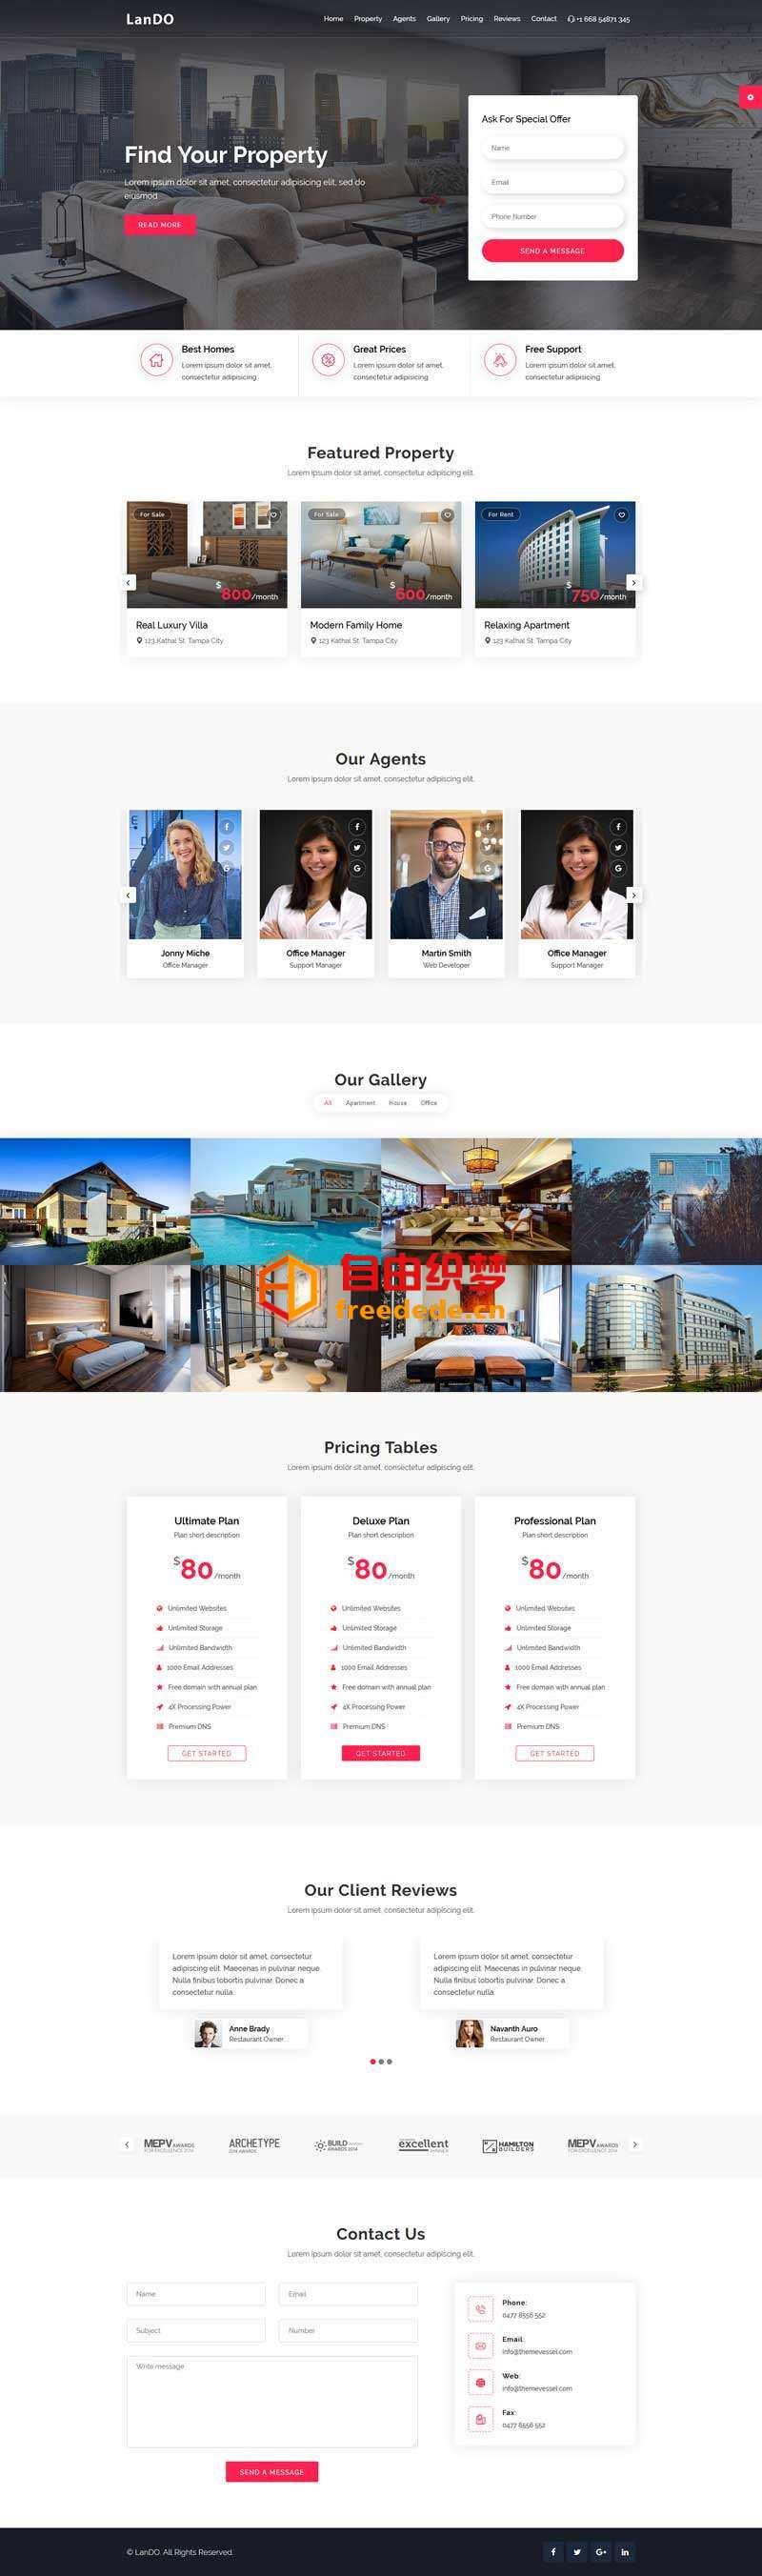 爱上源码网文章房产租赁服务介绍单页模板的内容插图